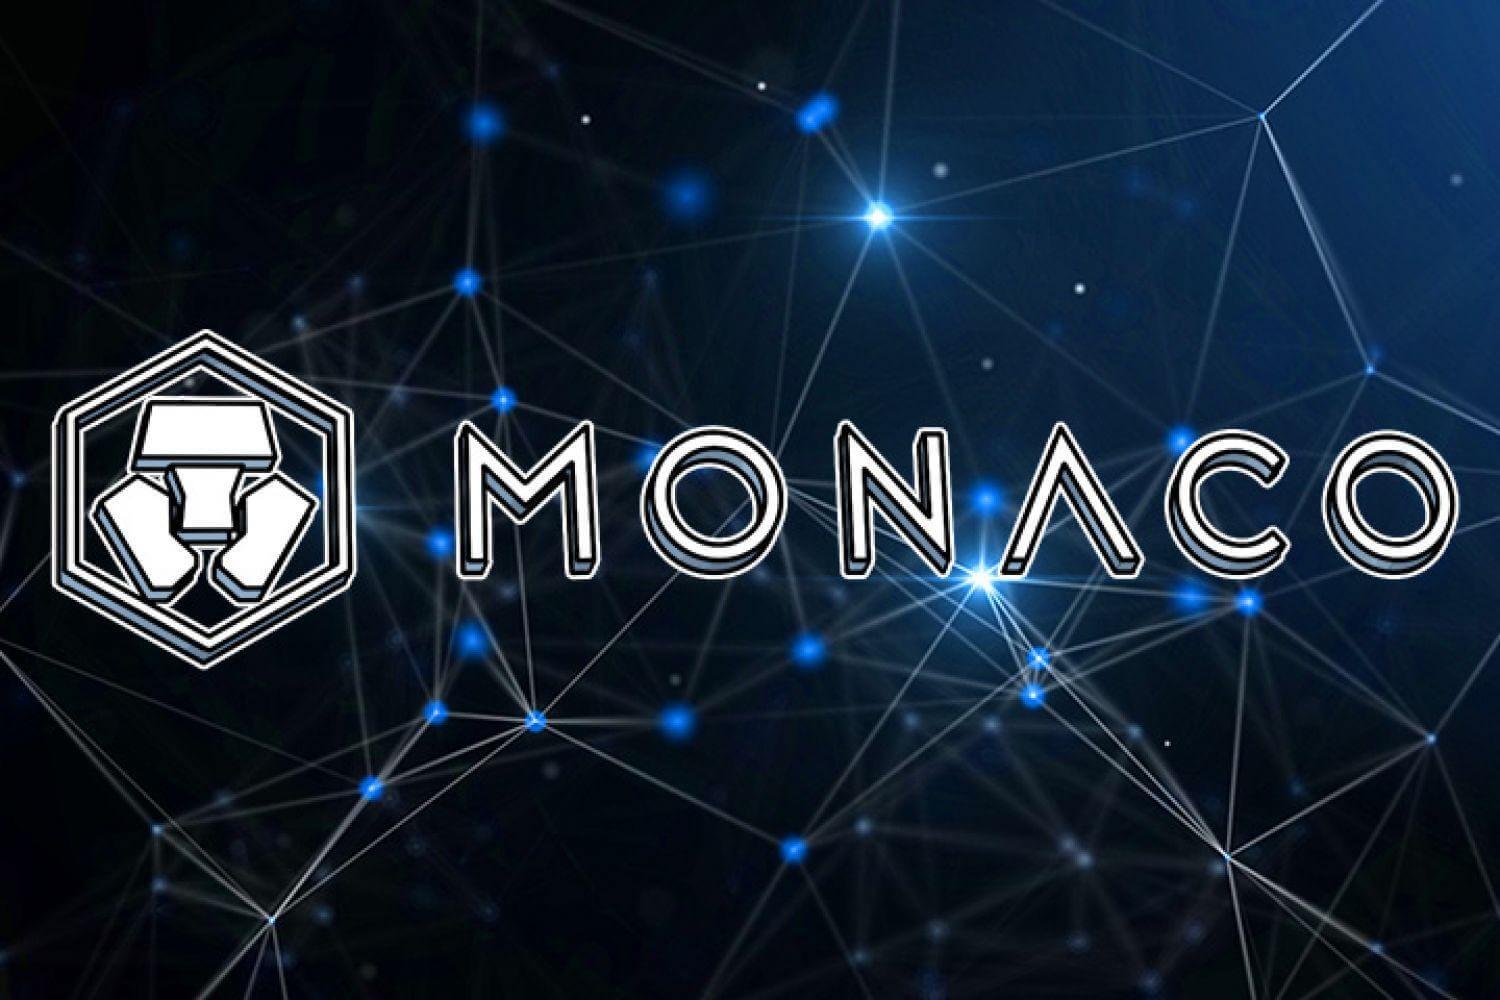 Monaco-la-gi